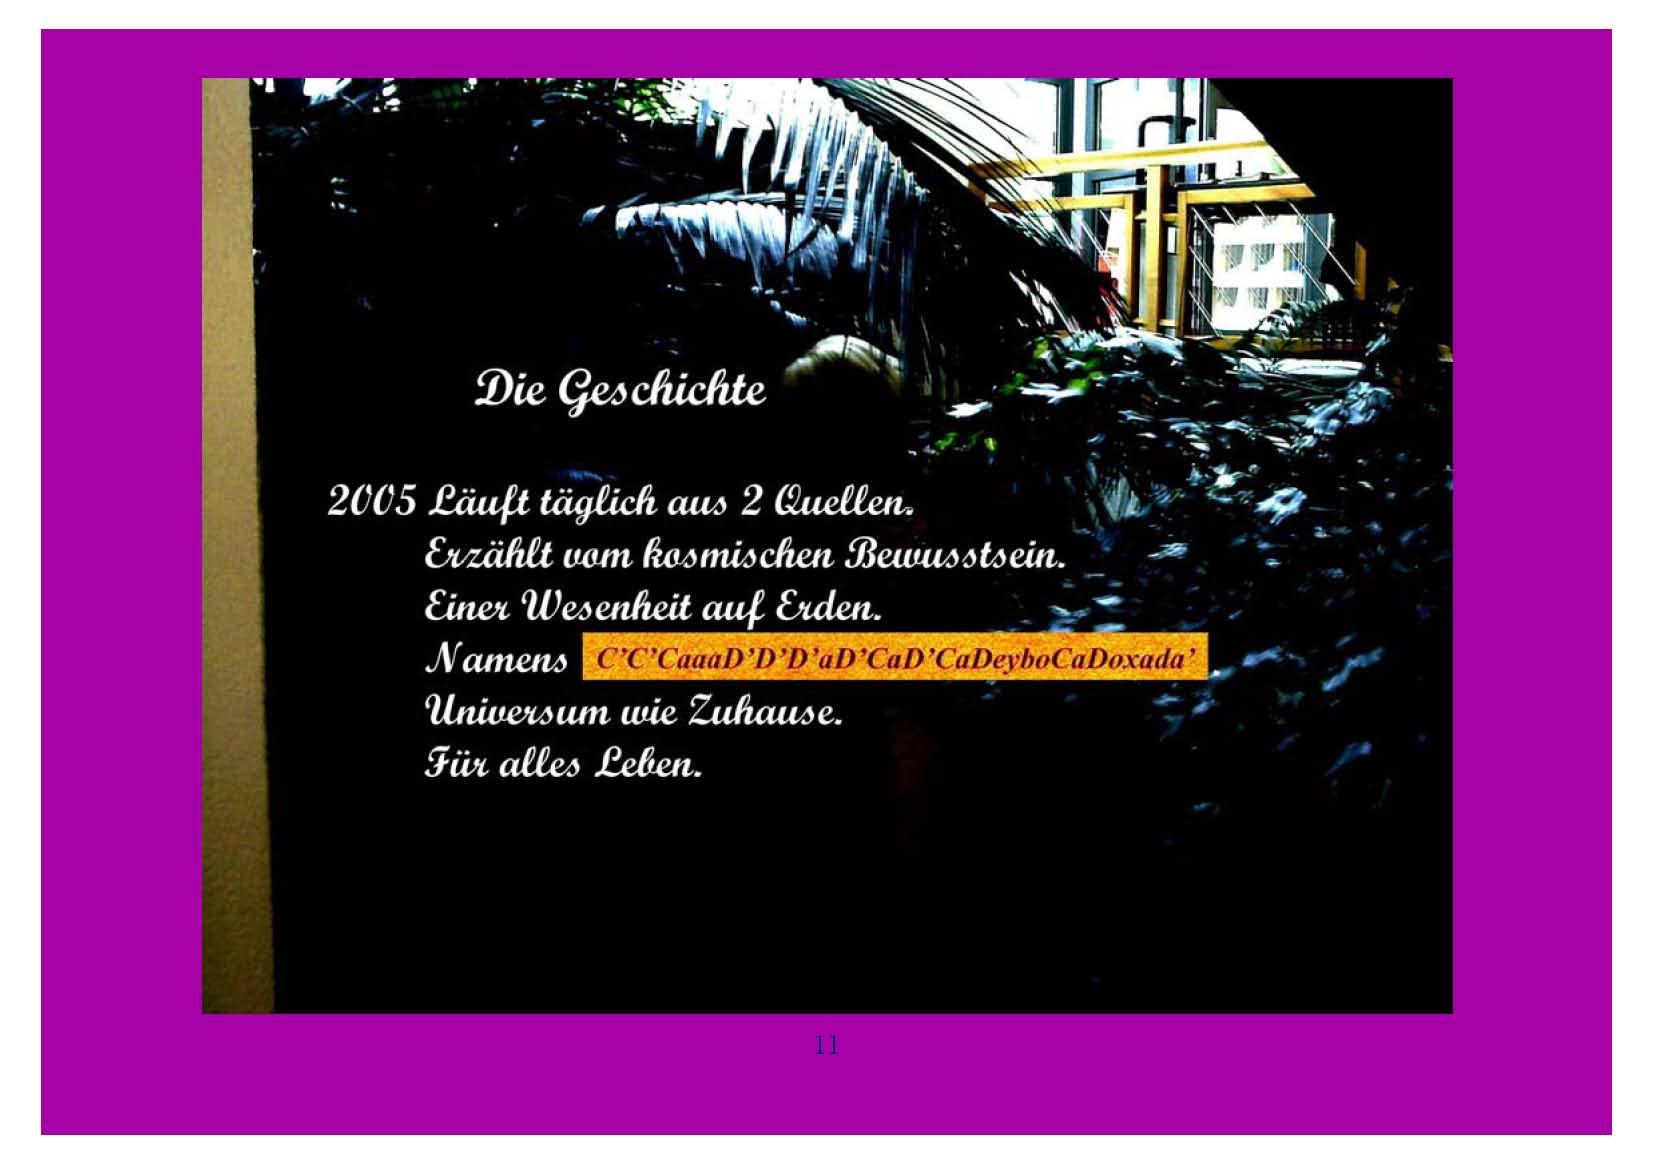 ™Gigabuch-Bibliothek/iAutobiographie Band 21/Bild 1507